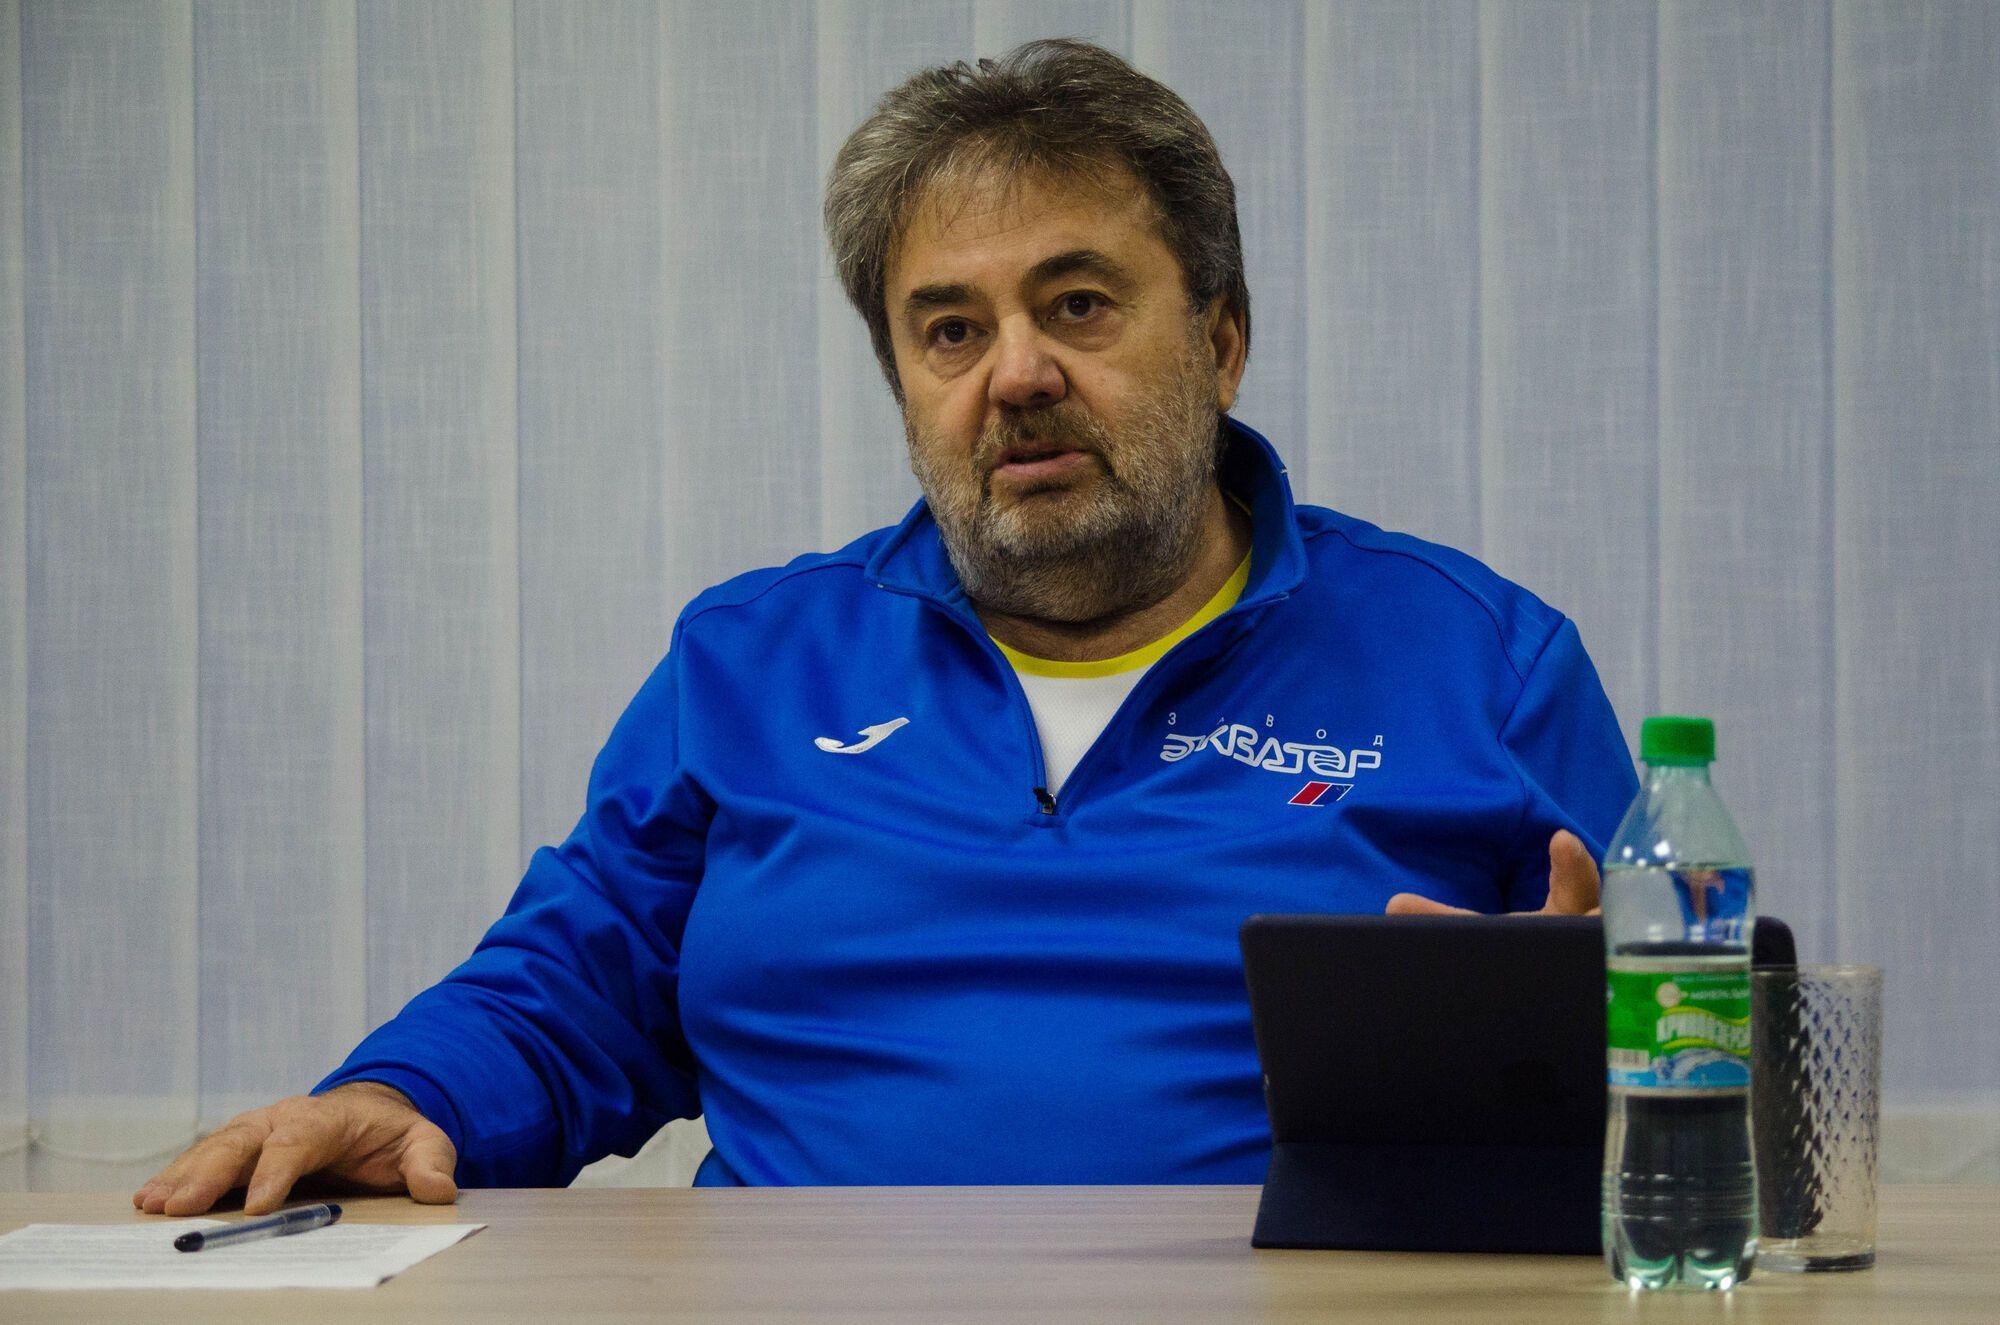 Футболисты украинского клуба из-за карантина ушли на завод слесарями